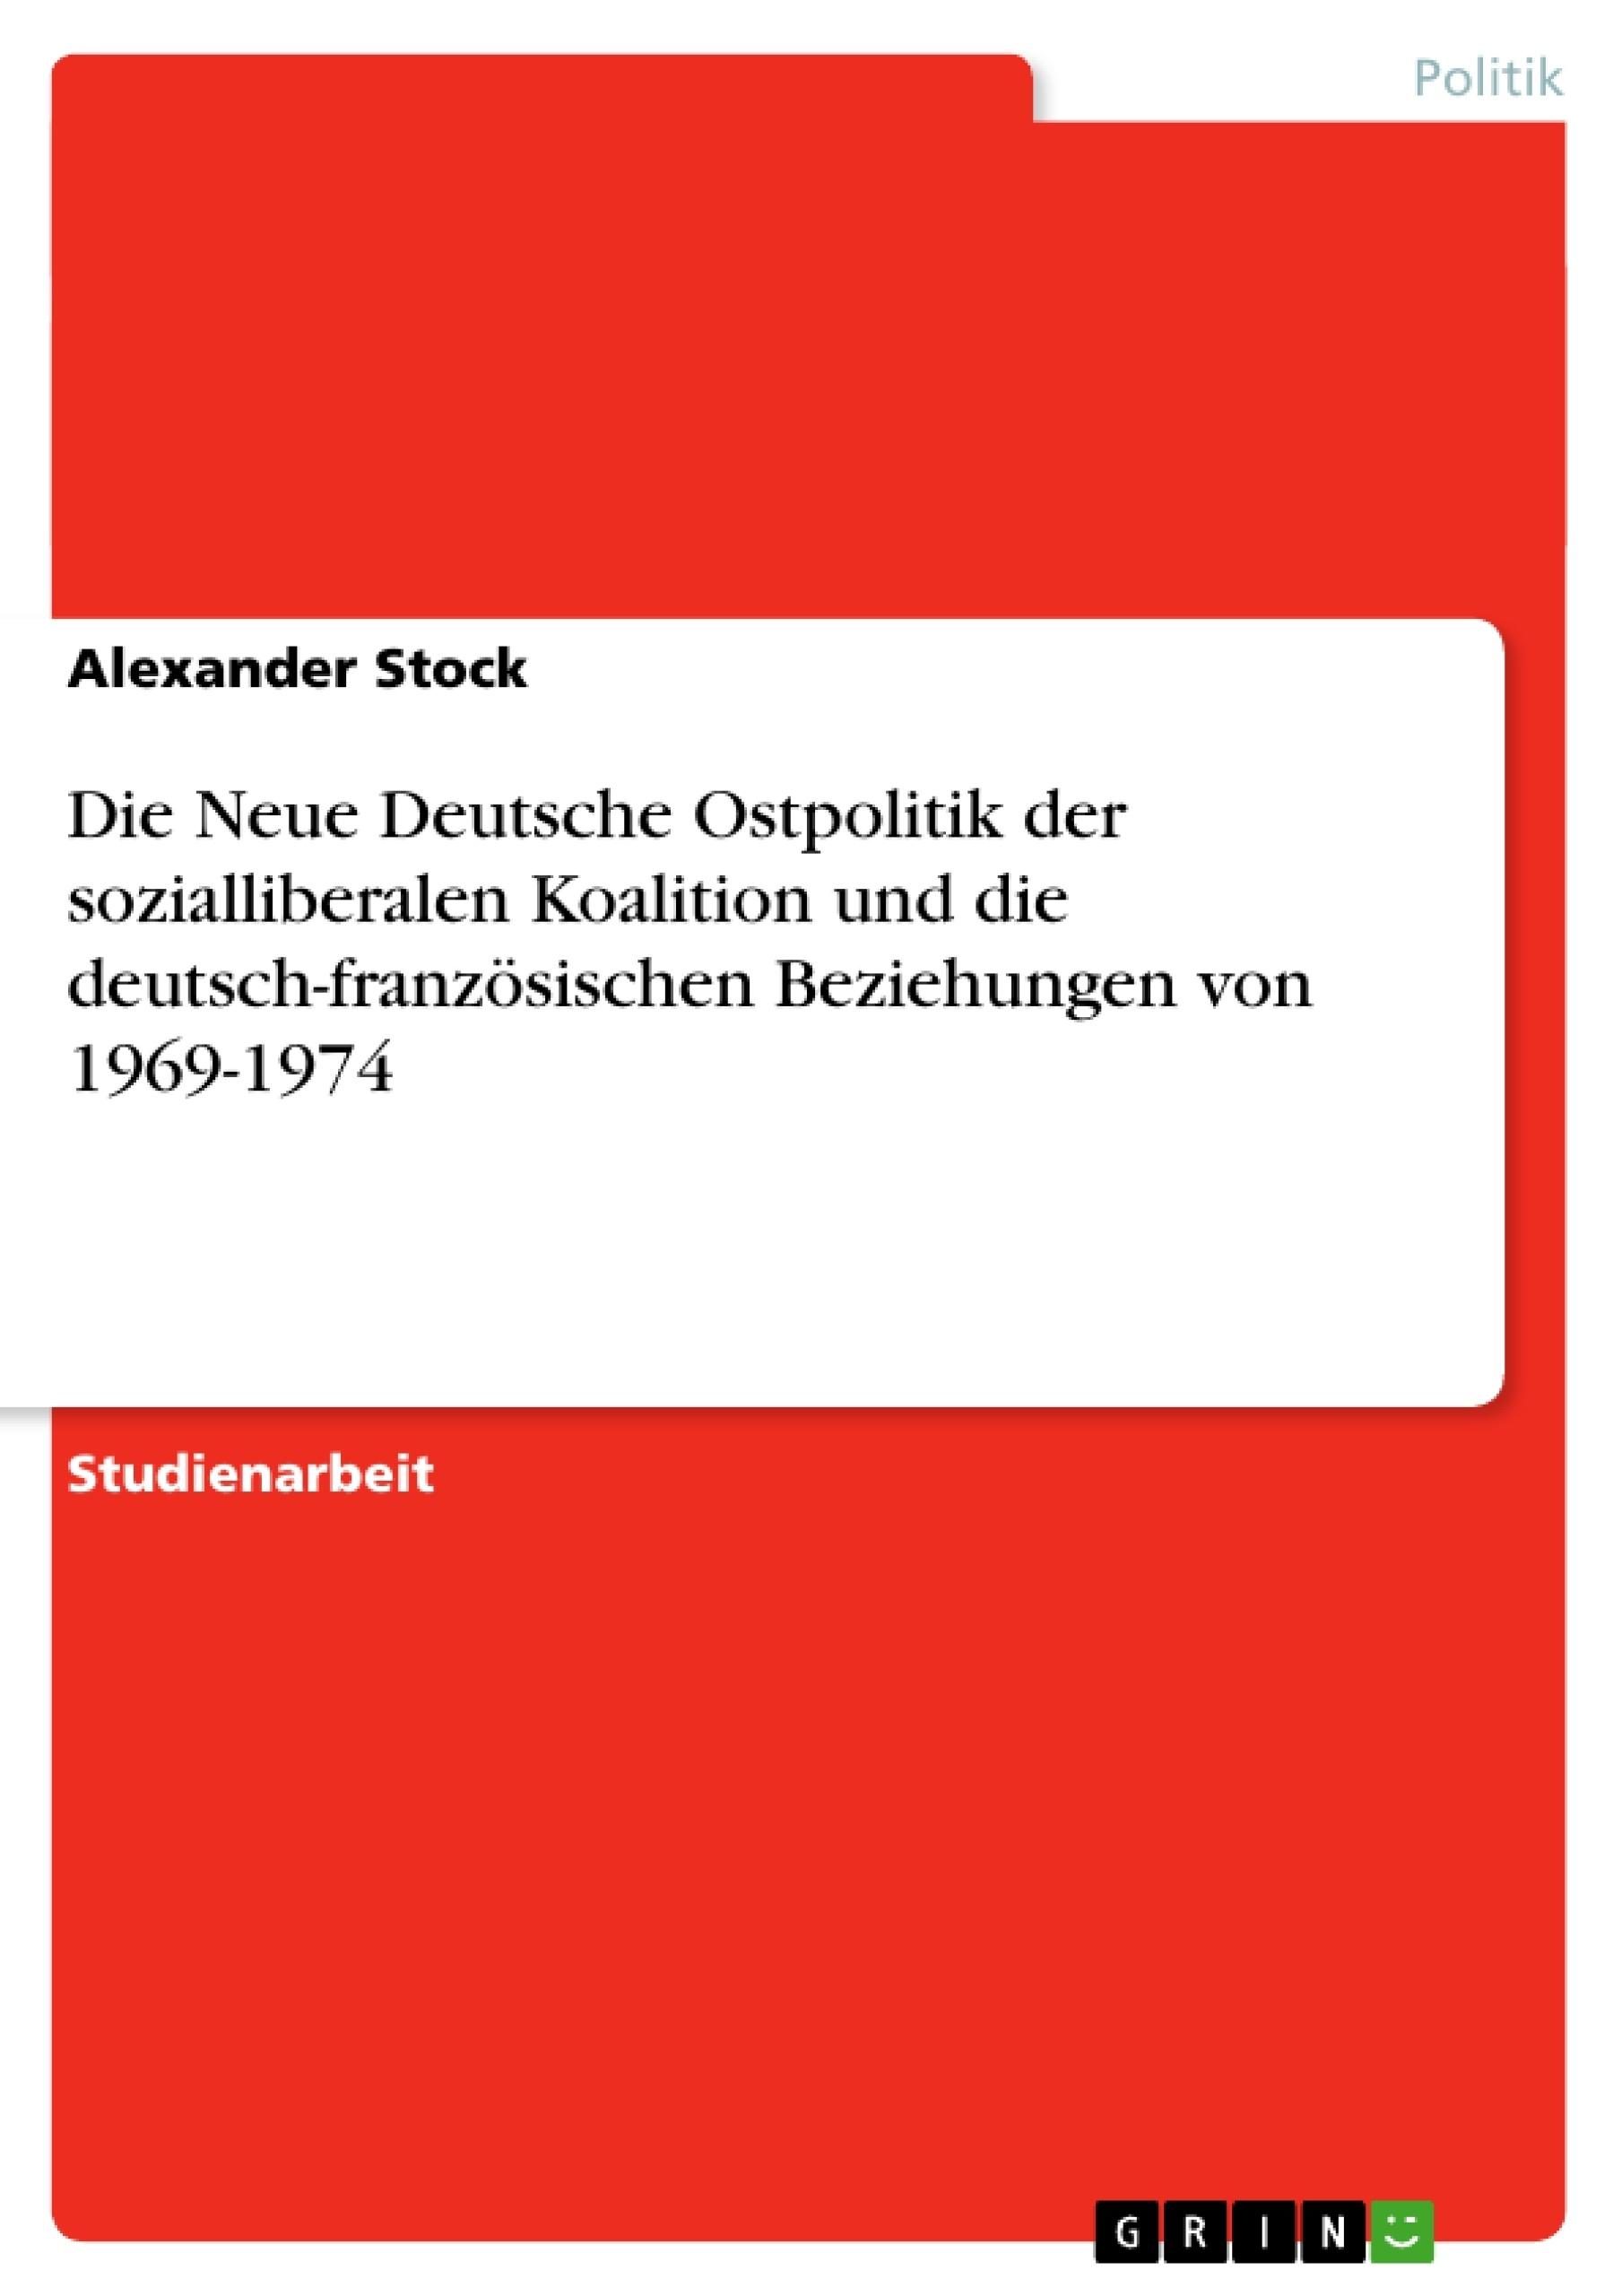 Titel: Die Neue Deutsche Ostpolitik der sozialliberalen Koalition und die deutsch-französischen Beziehungen von 1969-1974